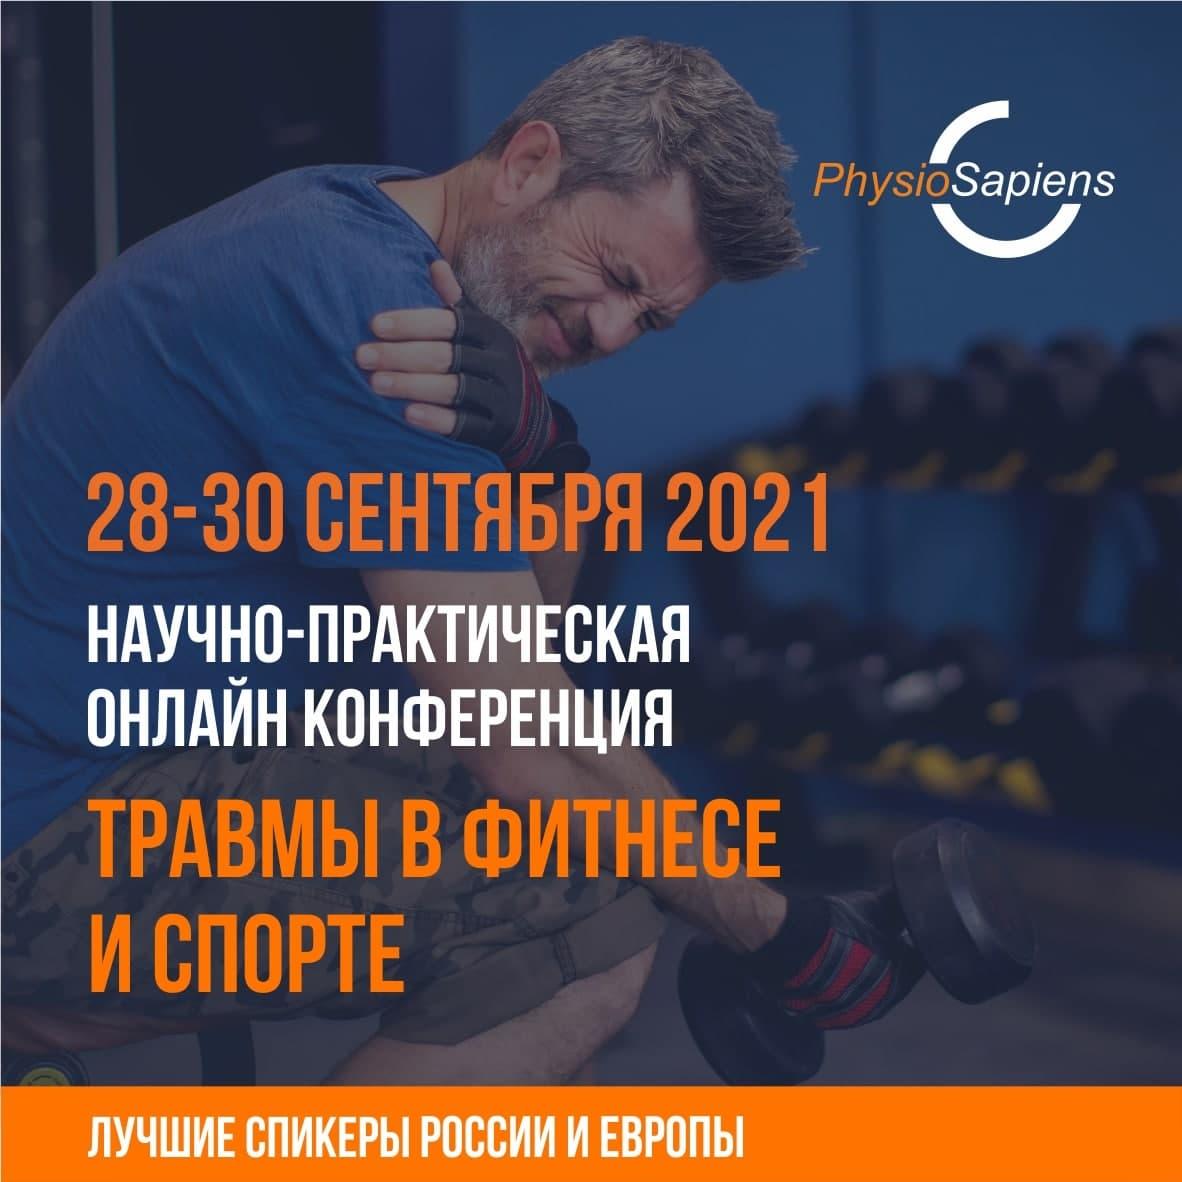 Научно-практическая онлайн конференция «Травмы в фитнесе и спорте»